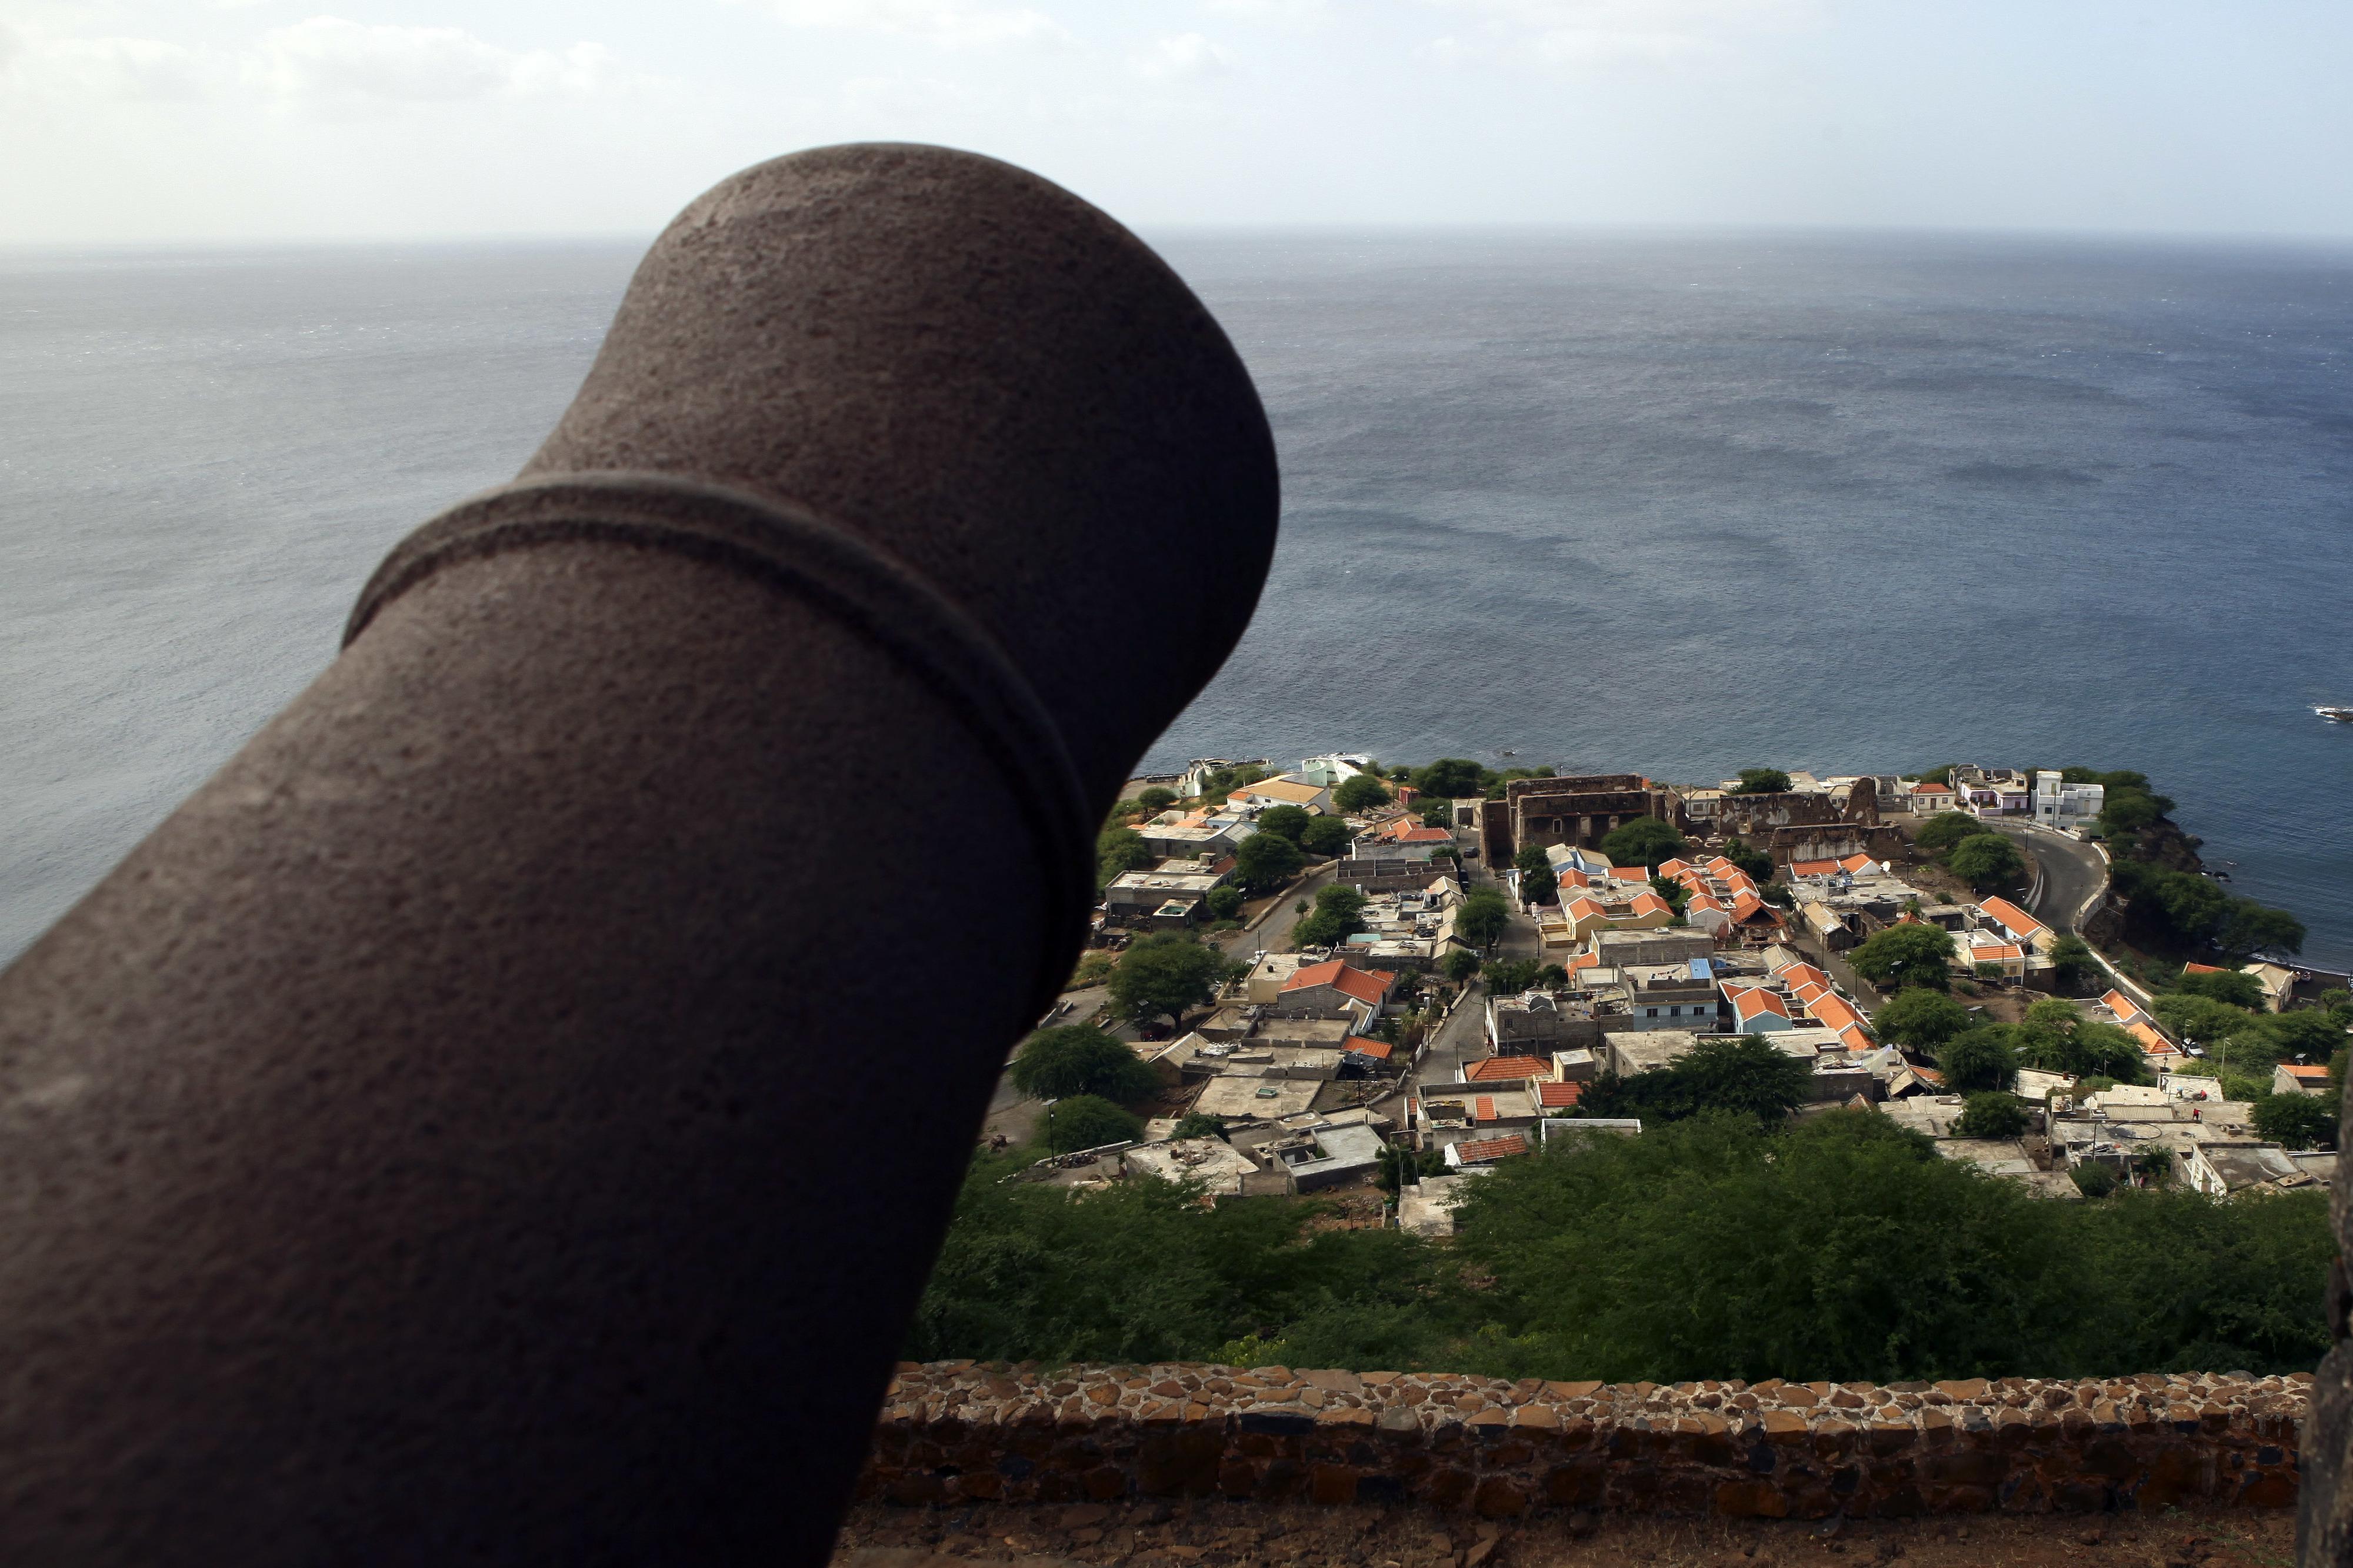 Cidade Velha de Cabo Verde inscrita no arquivo digital de património histórico mundial